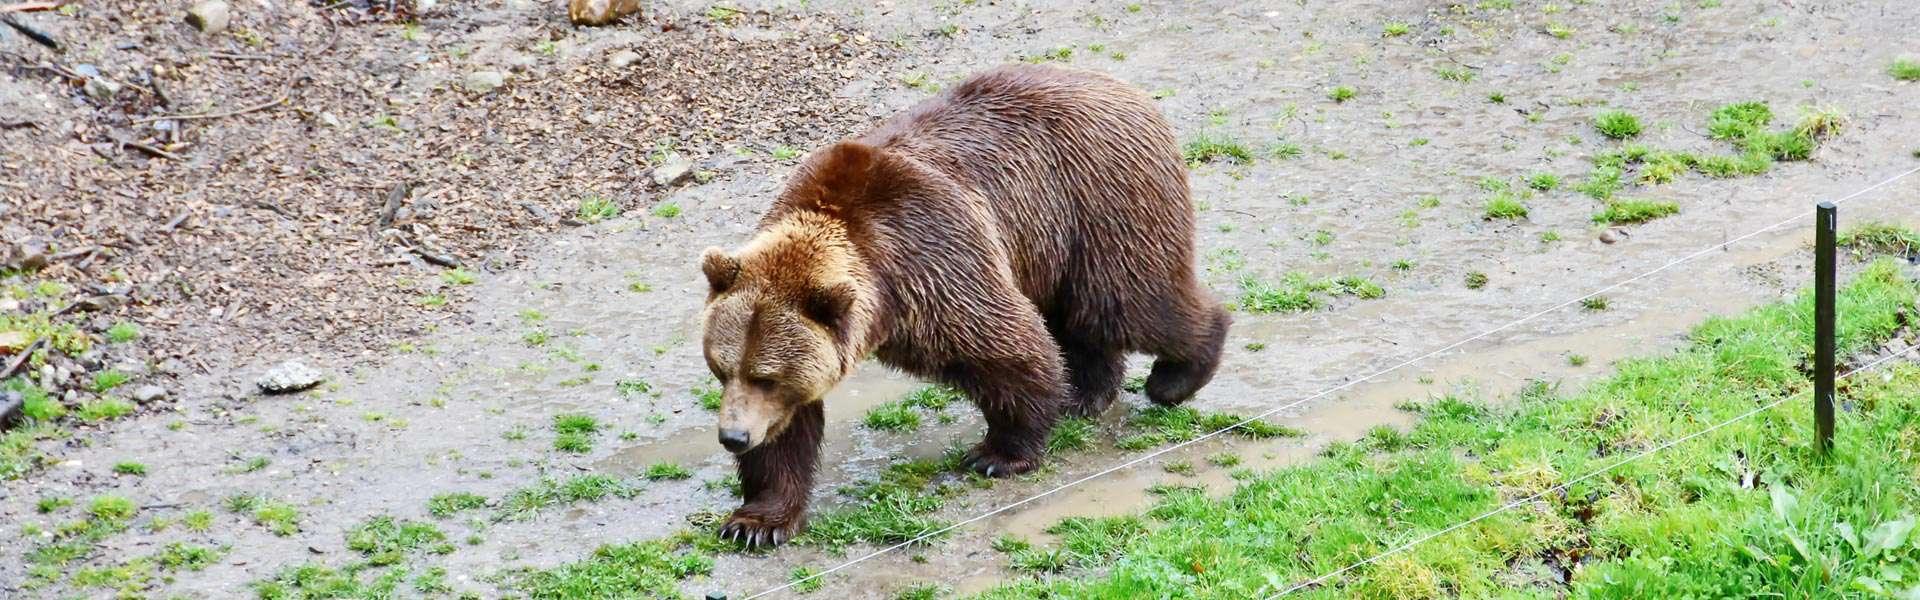 Flora und Fauna bärenstark bestaunen – im Bärenpark, Bern